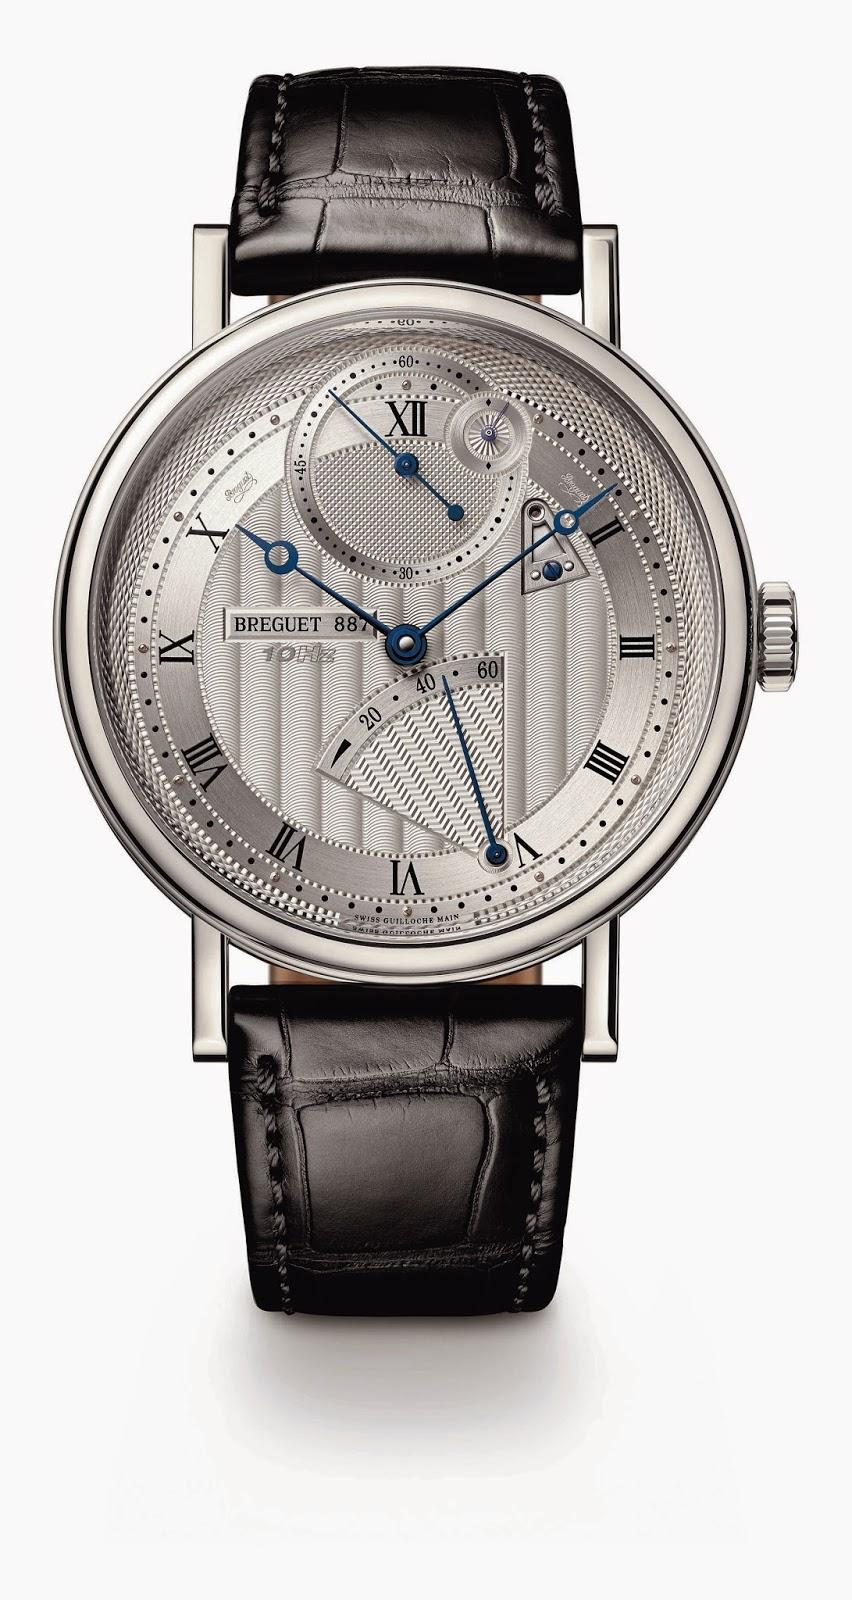 Breguet Classique Chronométrie2